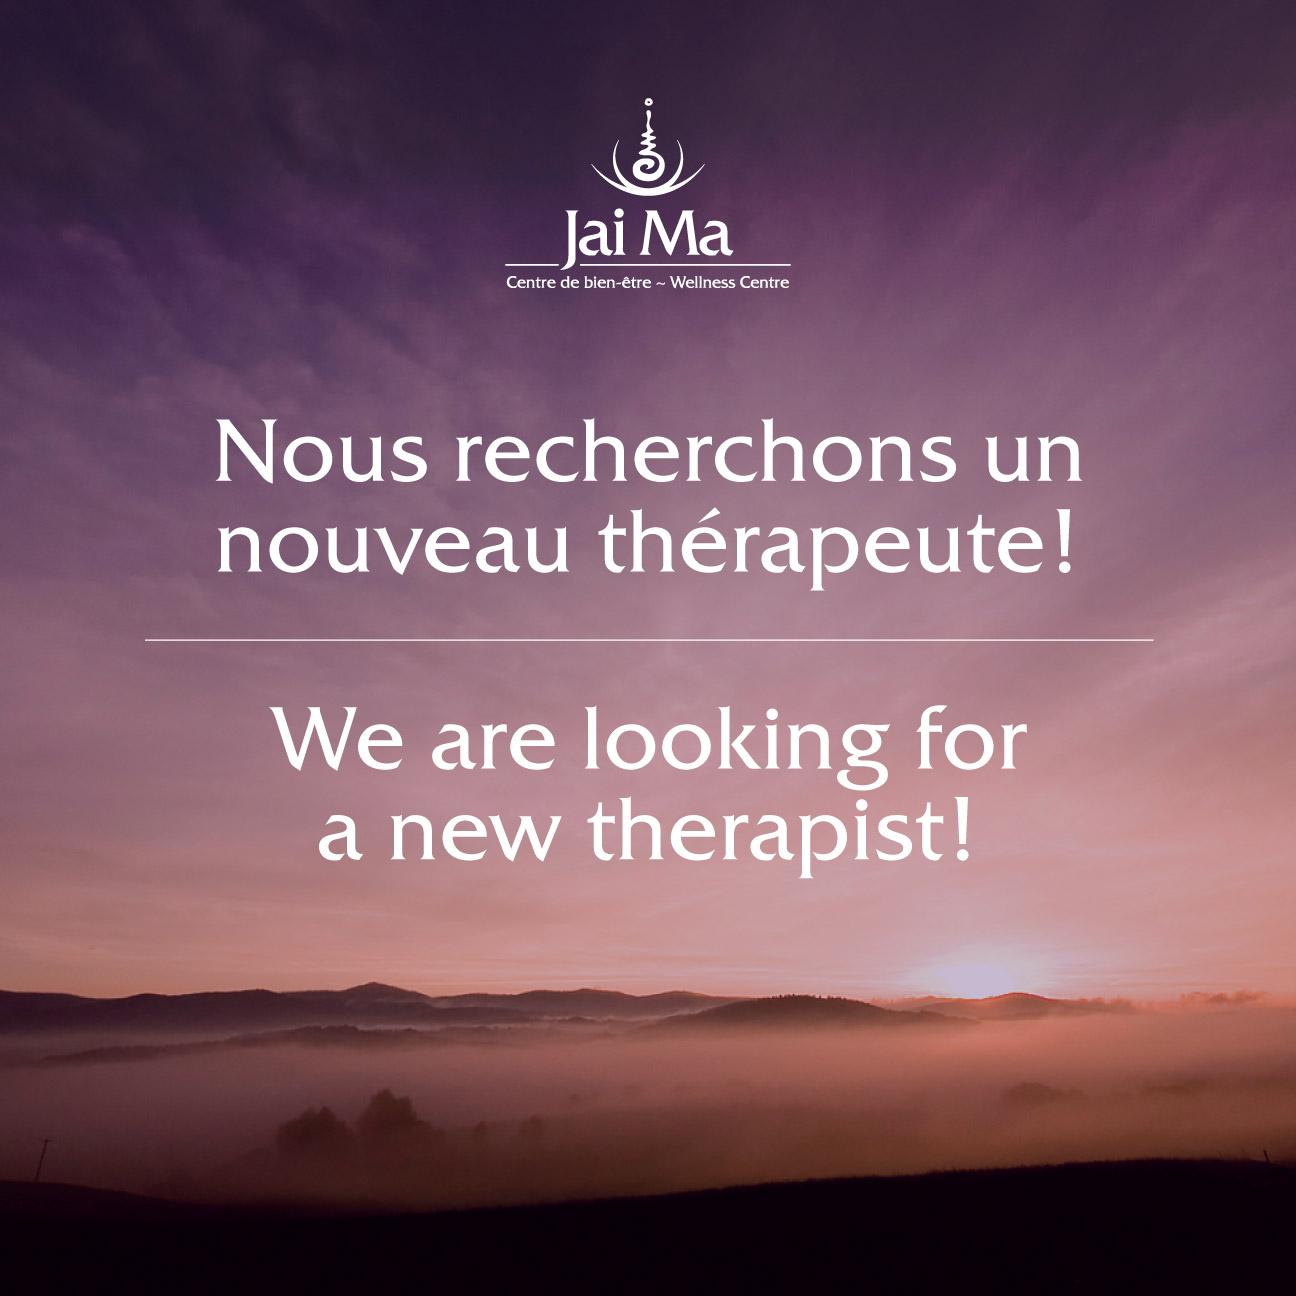 jai_ma_facebook